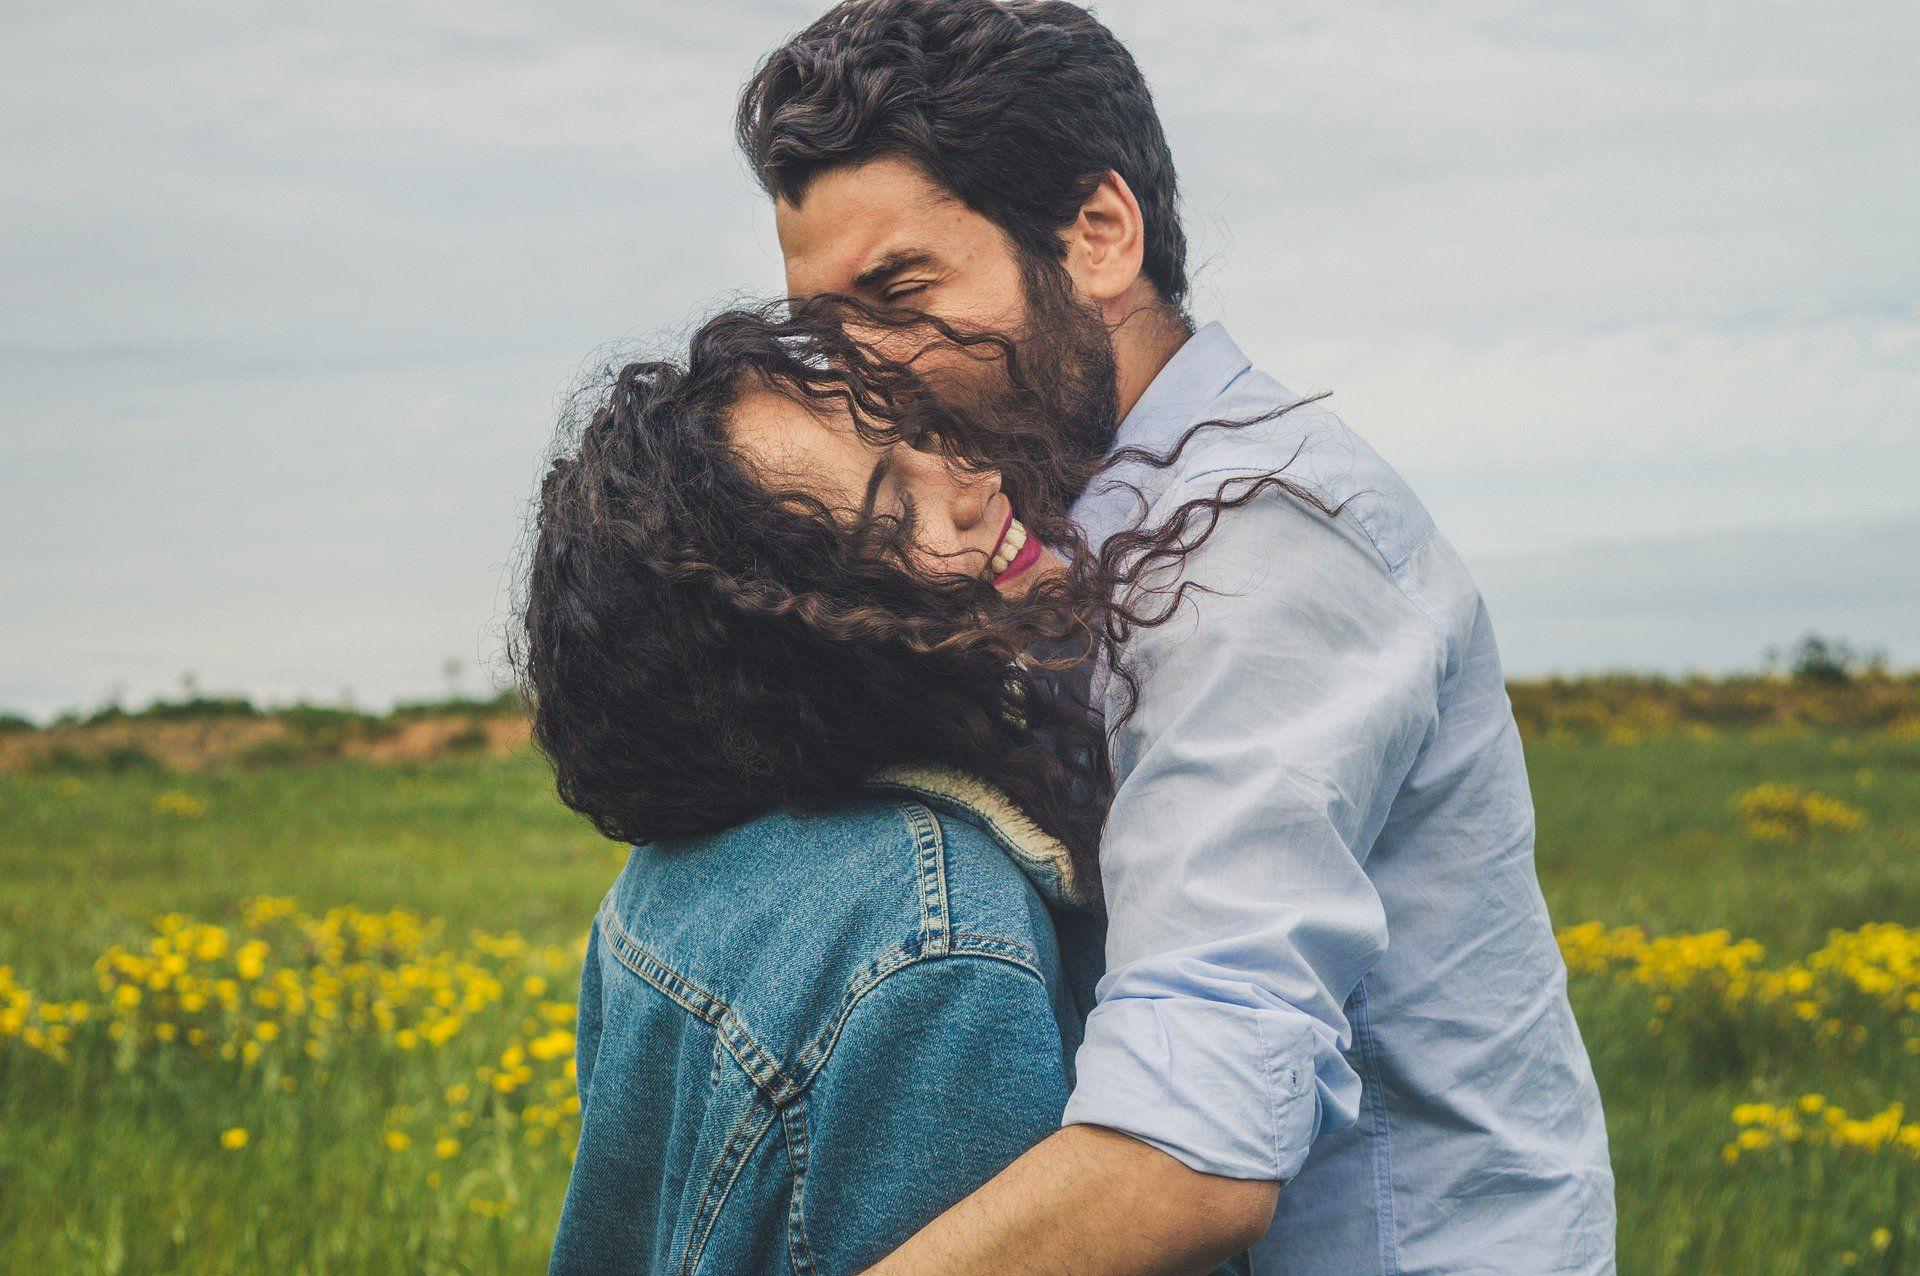 couple-4565429_1920